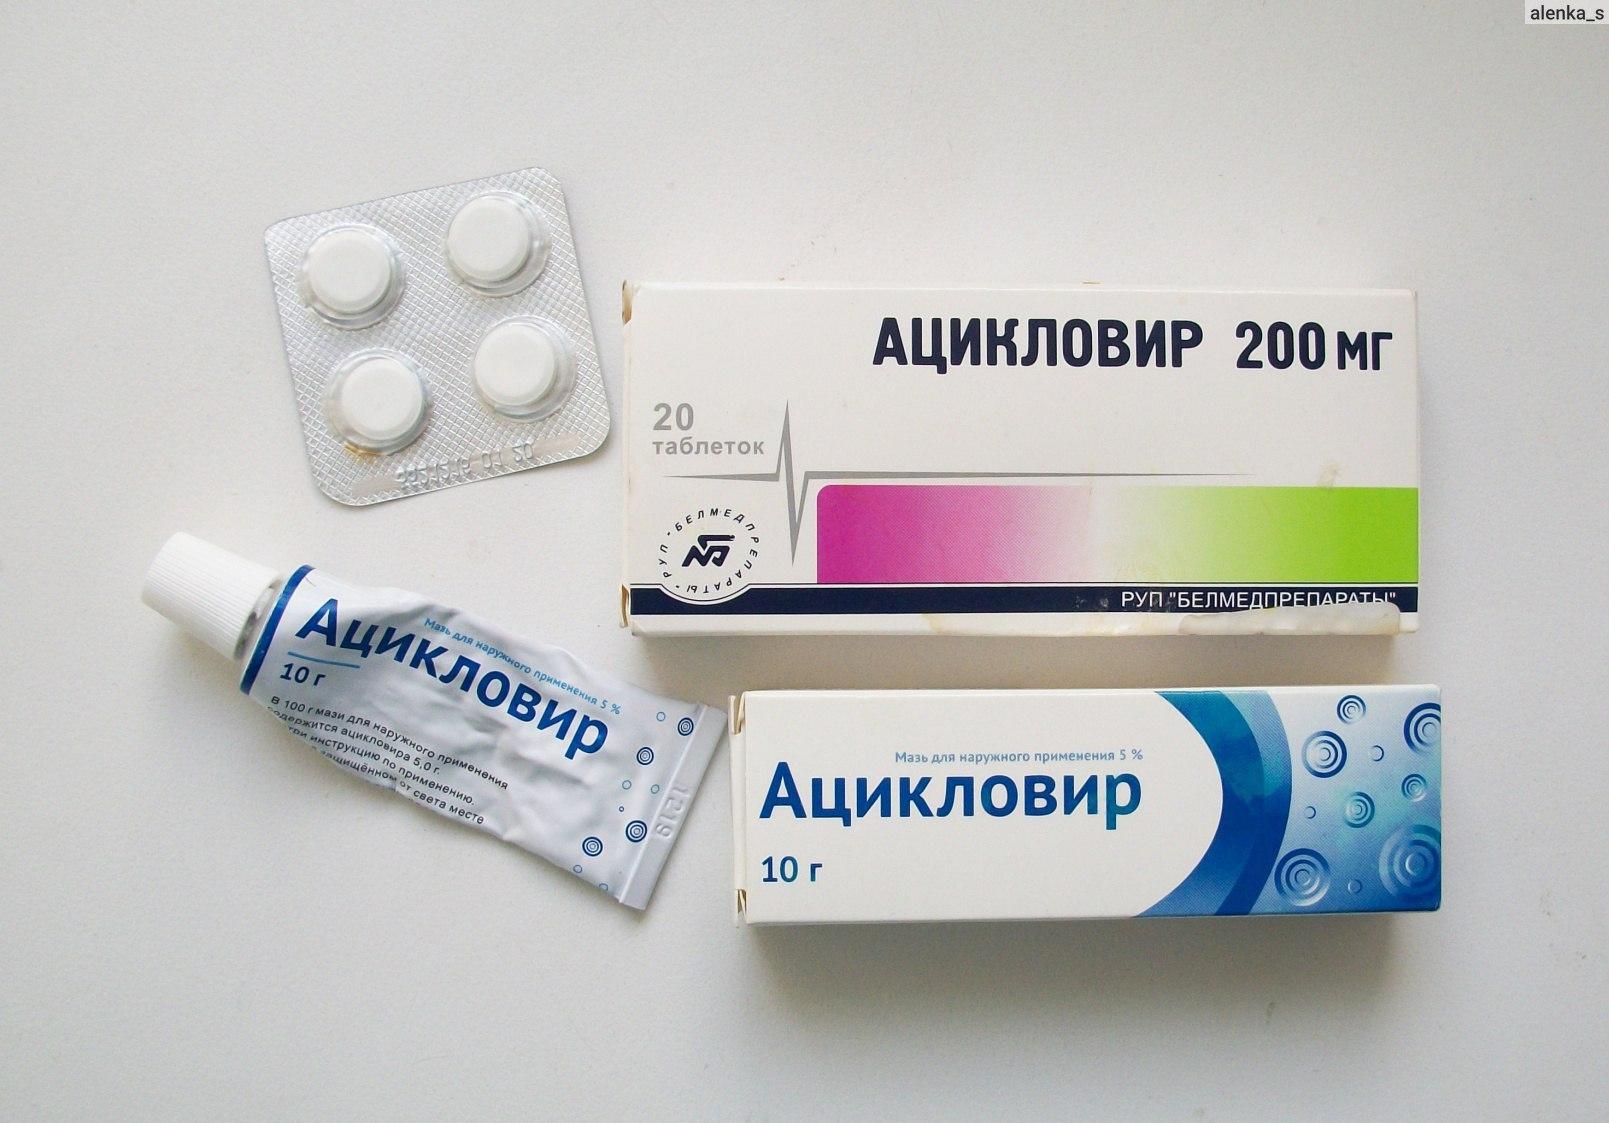 Лекарства от стоматита - топ самых лучших препаратов для лечения стоматита